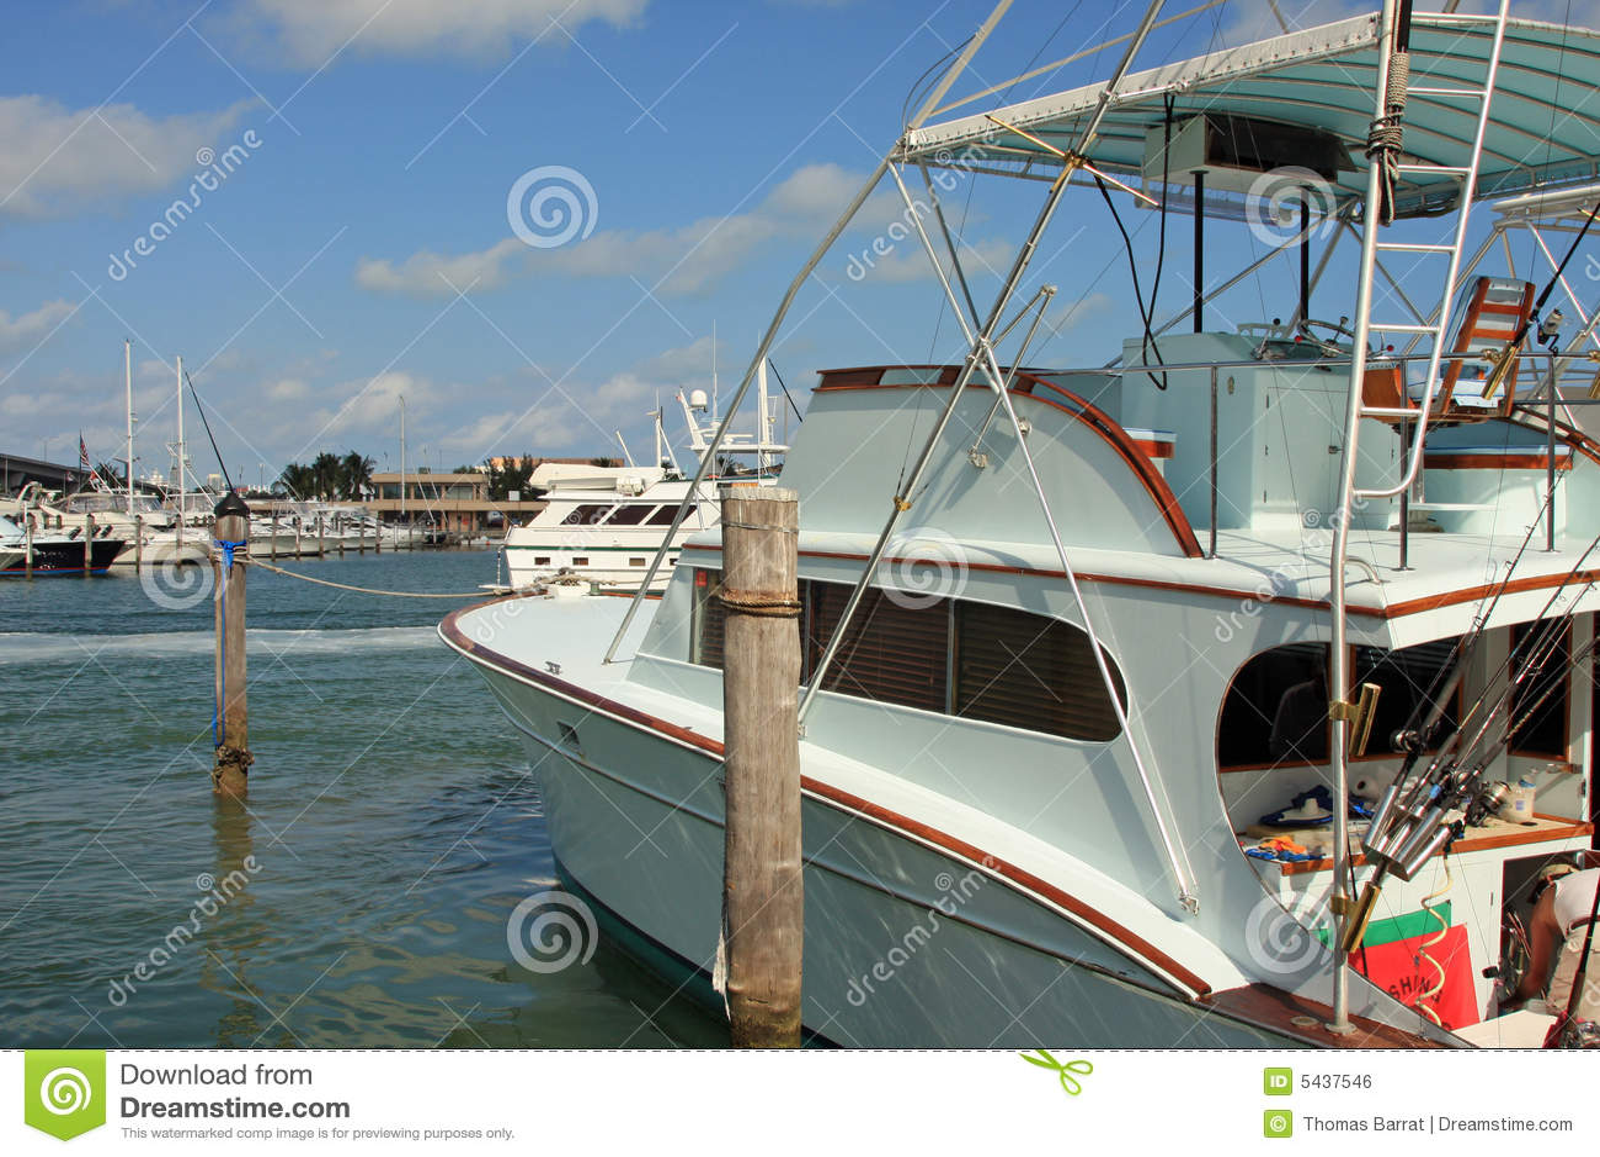 Deep sea fishing boat at the dock royalty free stock image for Deep sea fishing boat